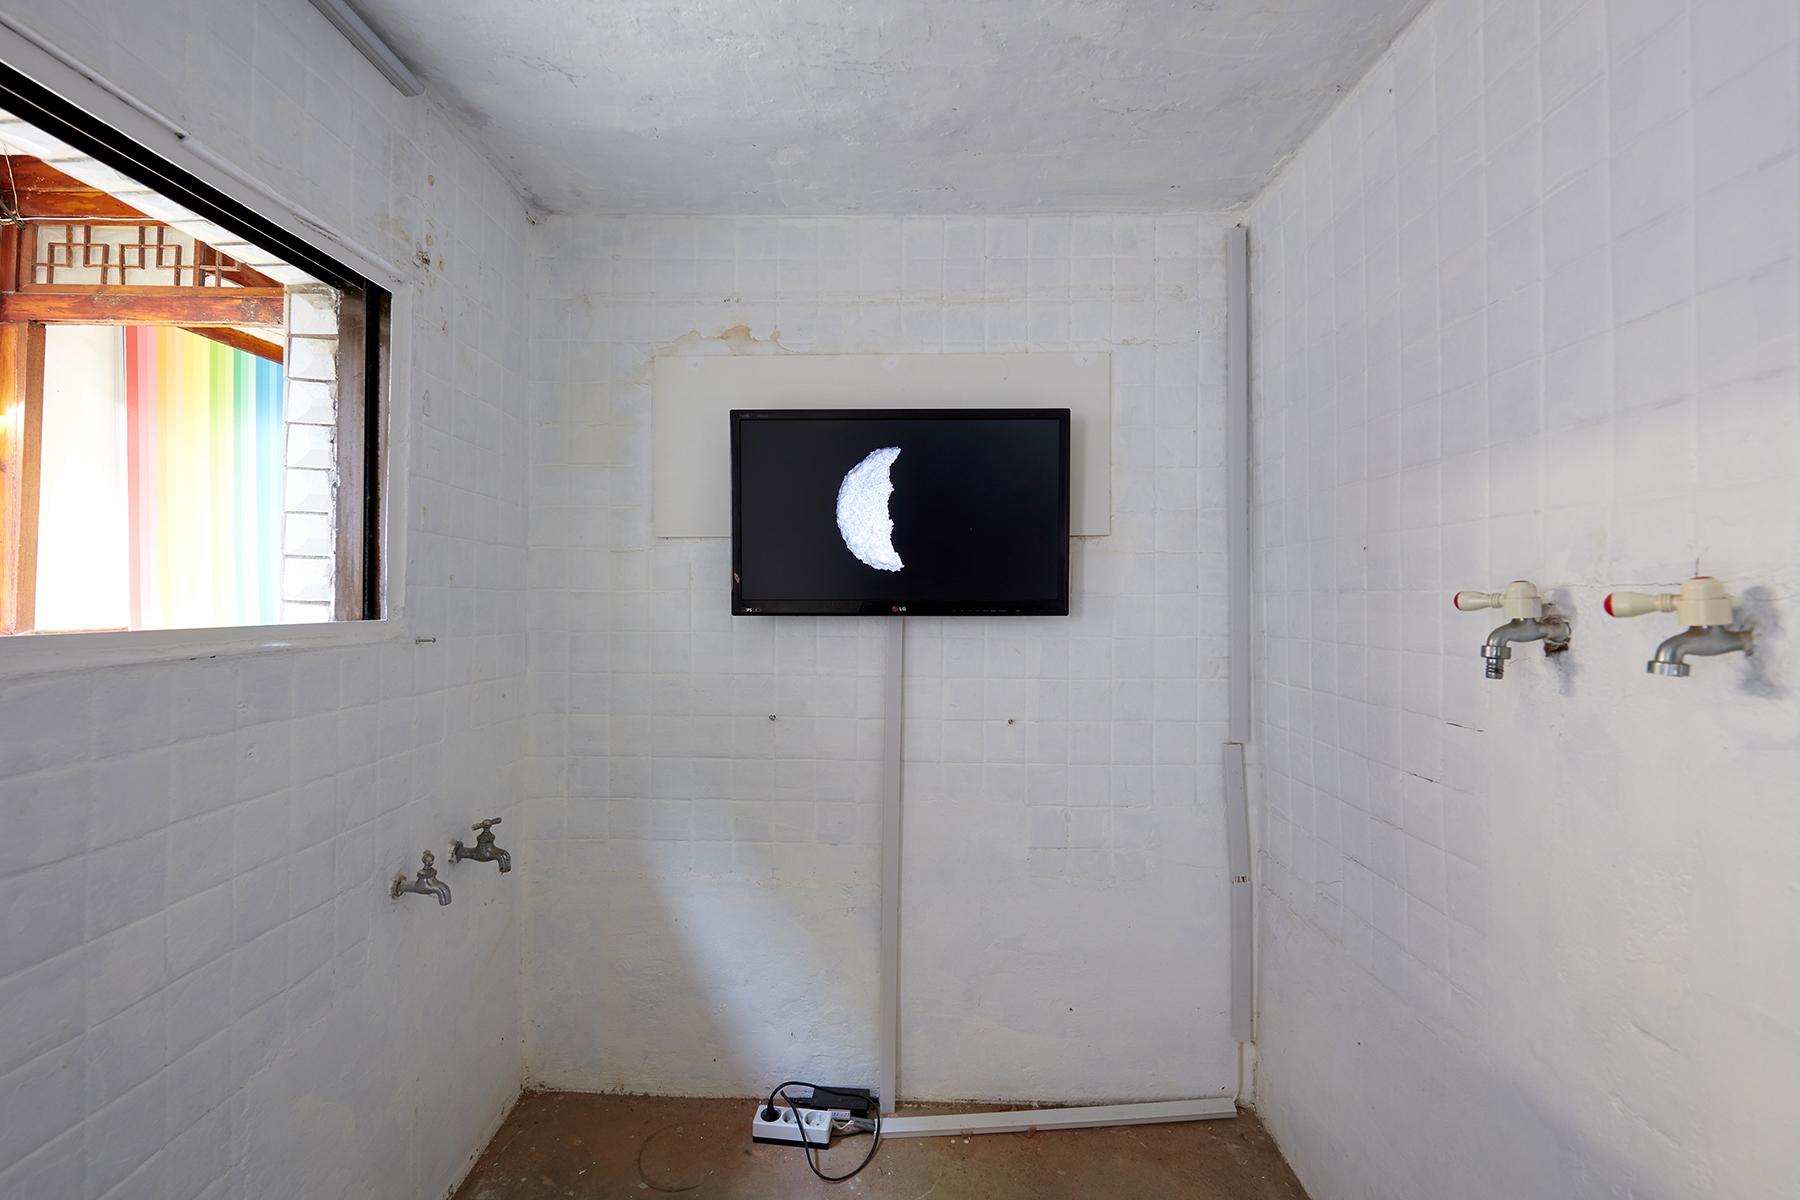 SMSM, 『또 다른 달』. 사진: 김상태